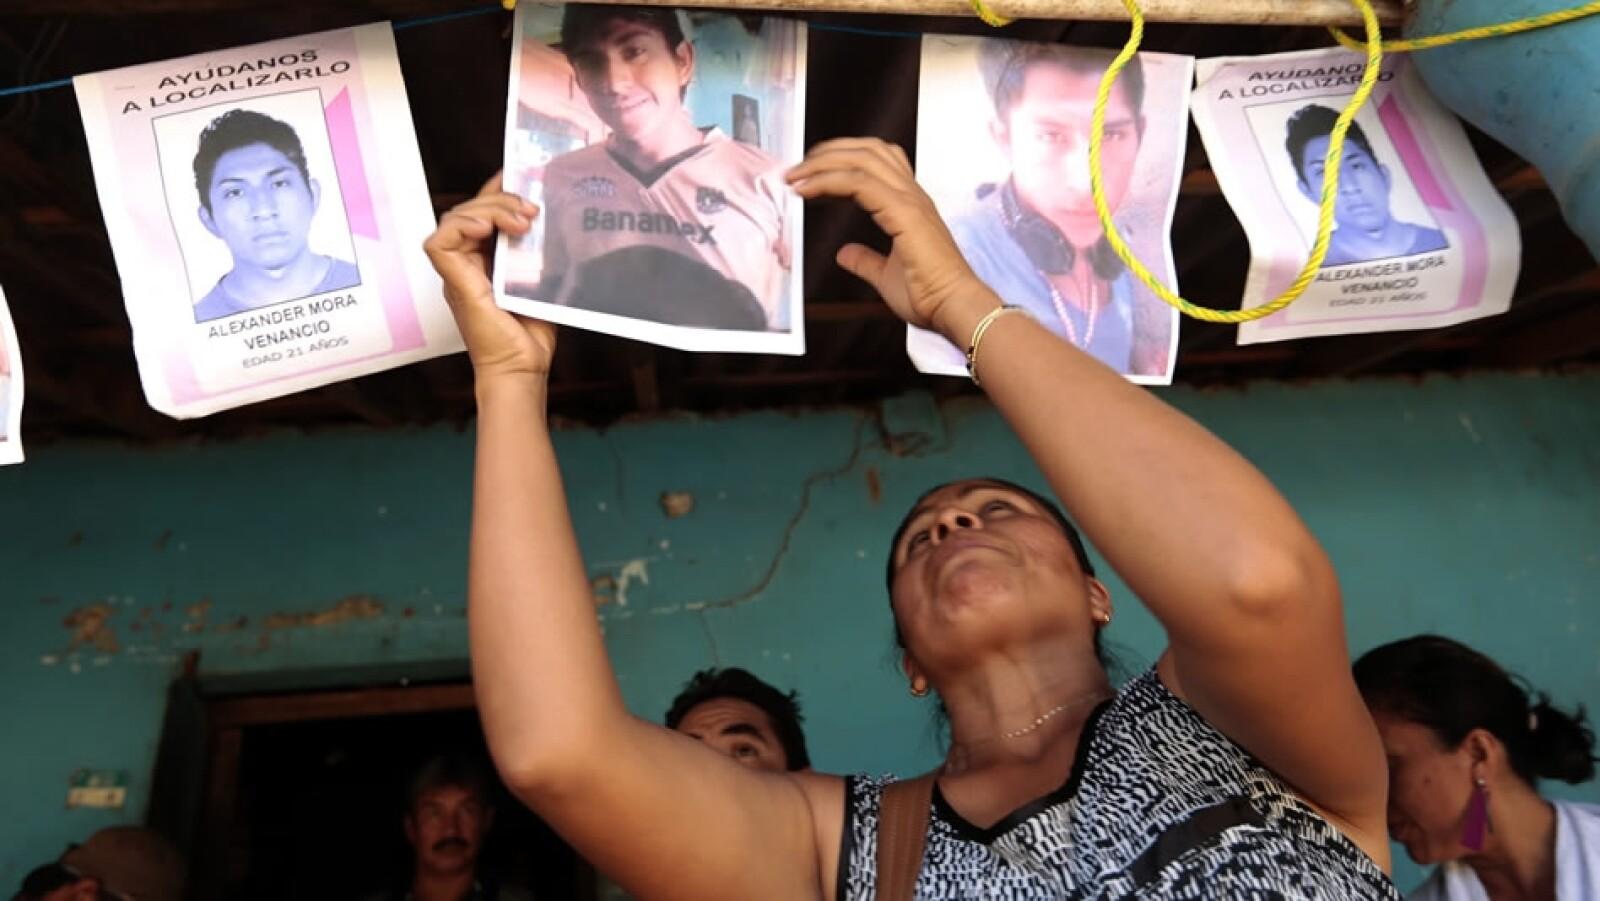 Fotos de Alexander Mora son colgadas afuera de su hogar en el Pericón, Guerrero, al sur de México